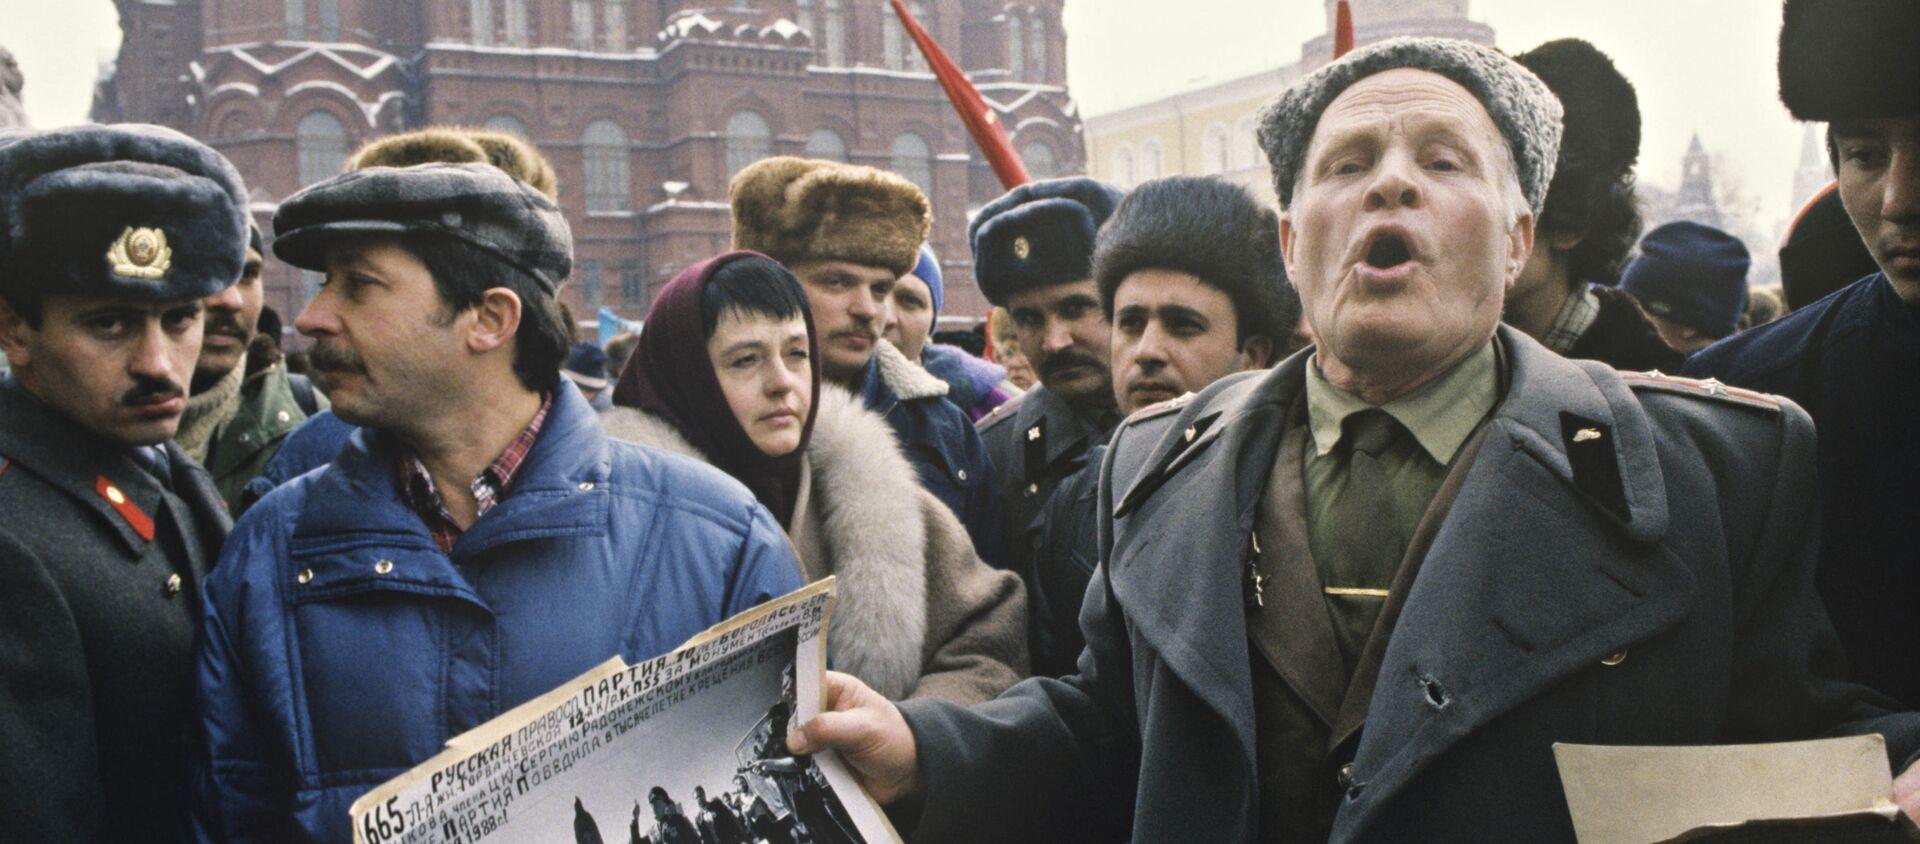 Митинг на Манежной площади в Москве, 23 февраля 1991 года. - Sputnik Абхазия, 1920, 21.03.2021